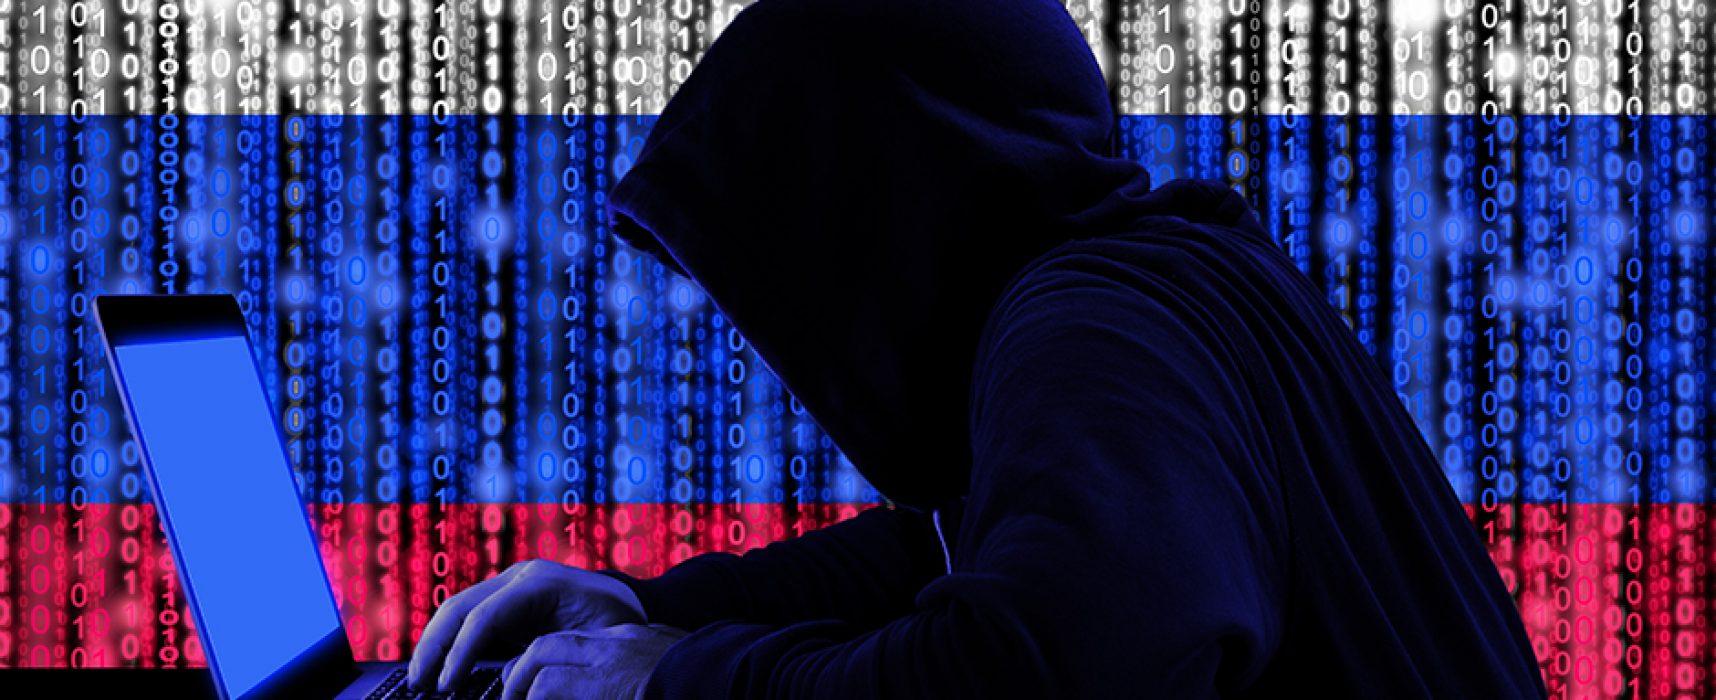 Gli hacker russi stanno spiando l'Italia?